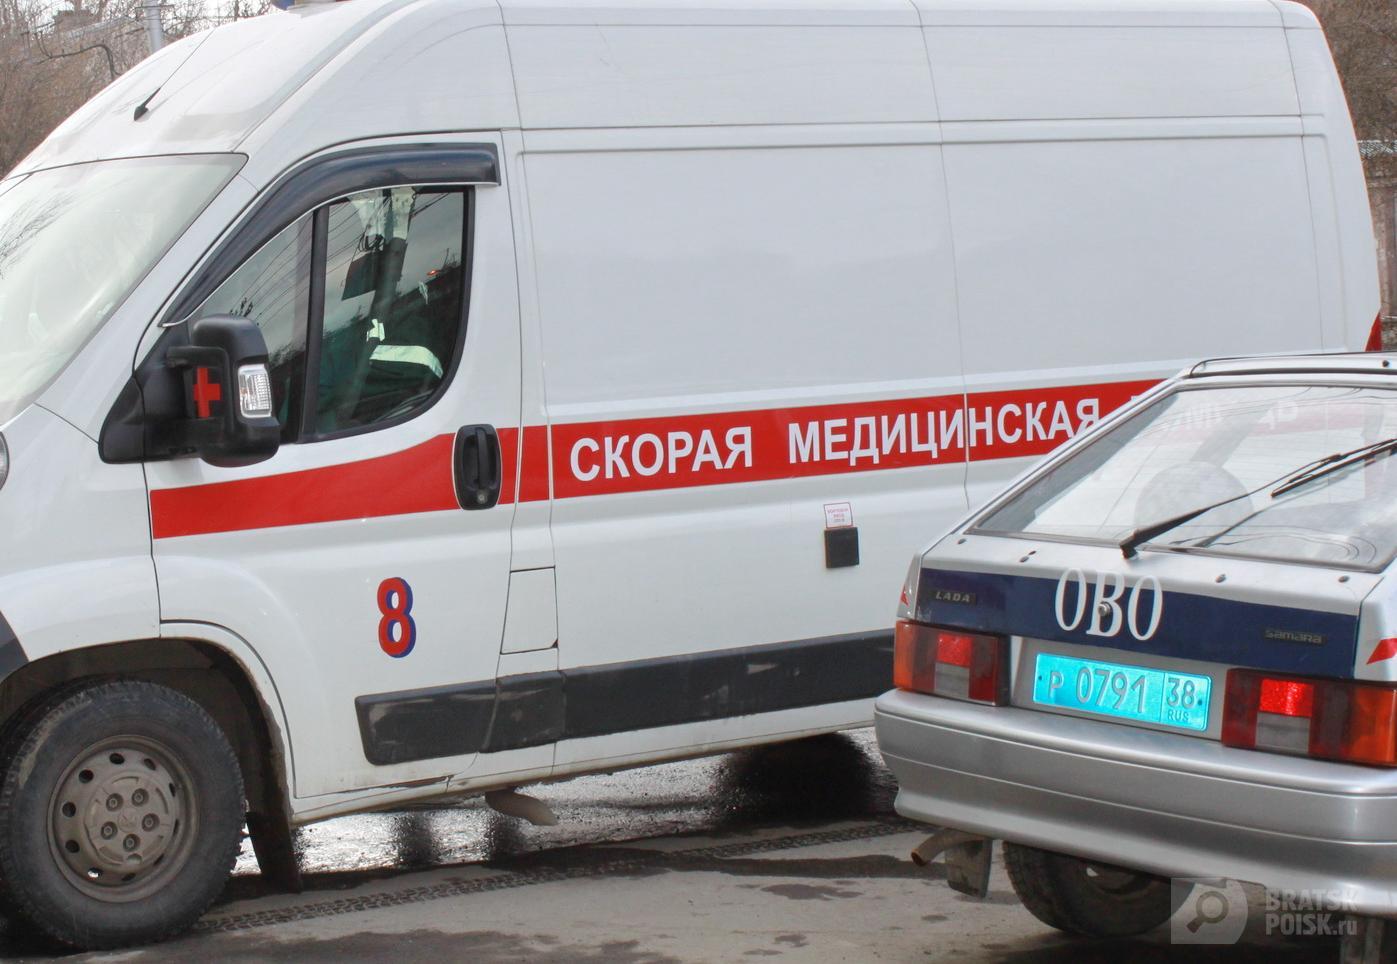 В Братске рецидивист напал на врача скорой помощи